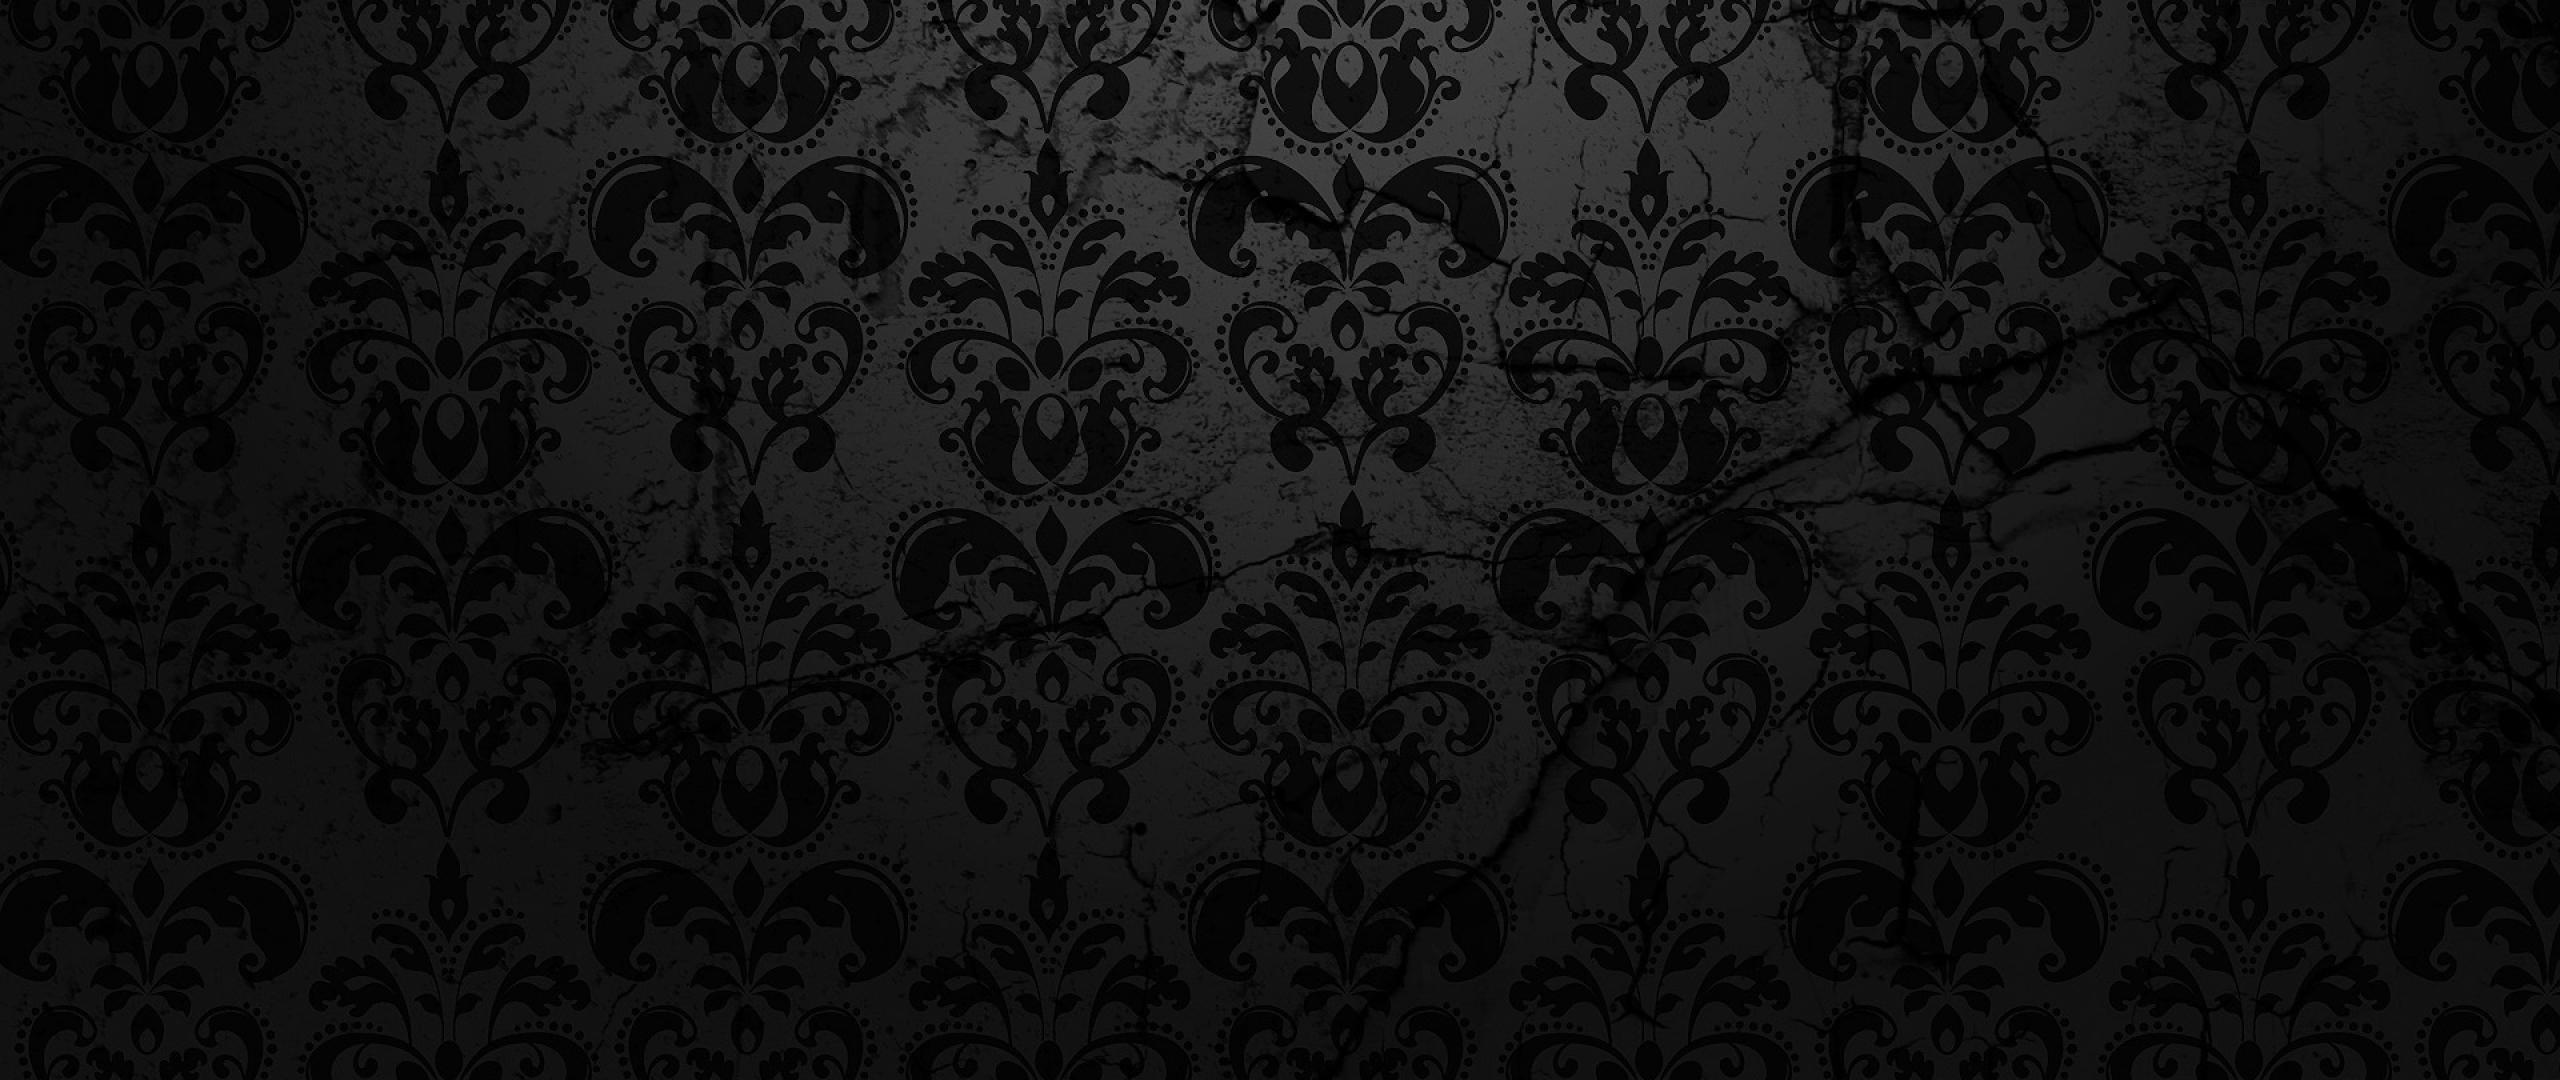 Carmamuse for Black design images